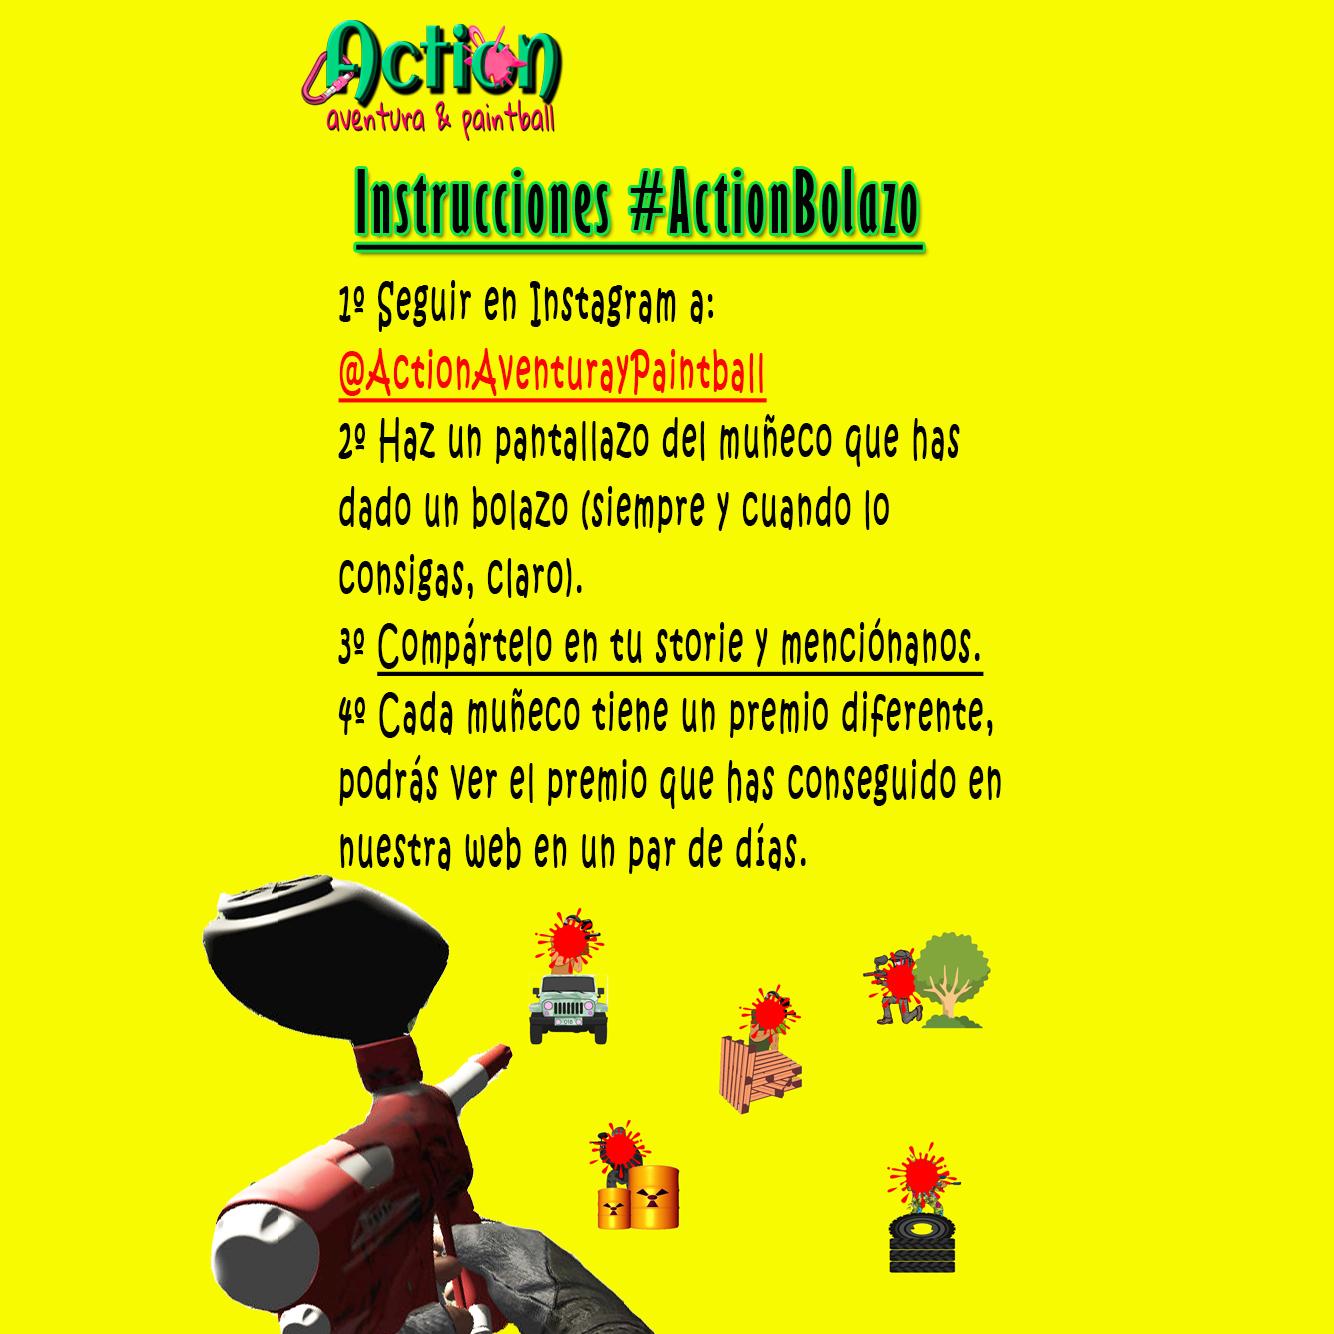 ActionBolazo Promoción Instagram